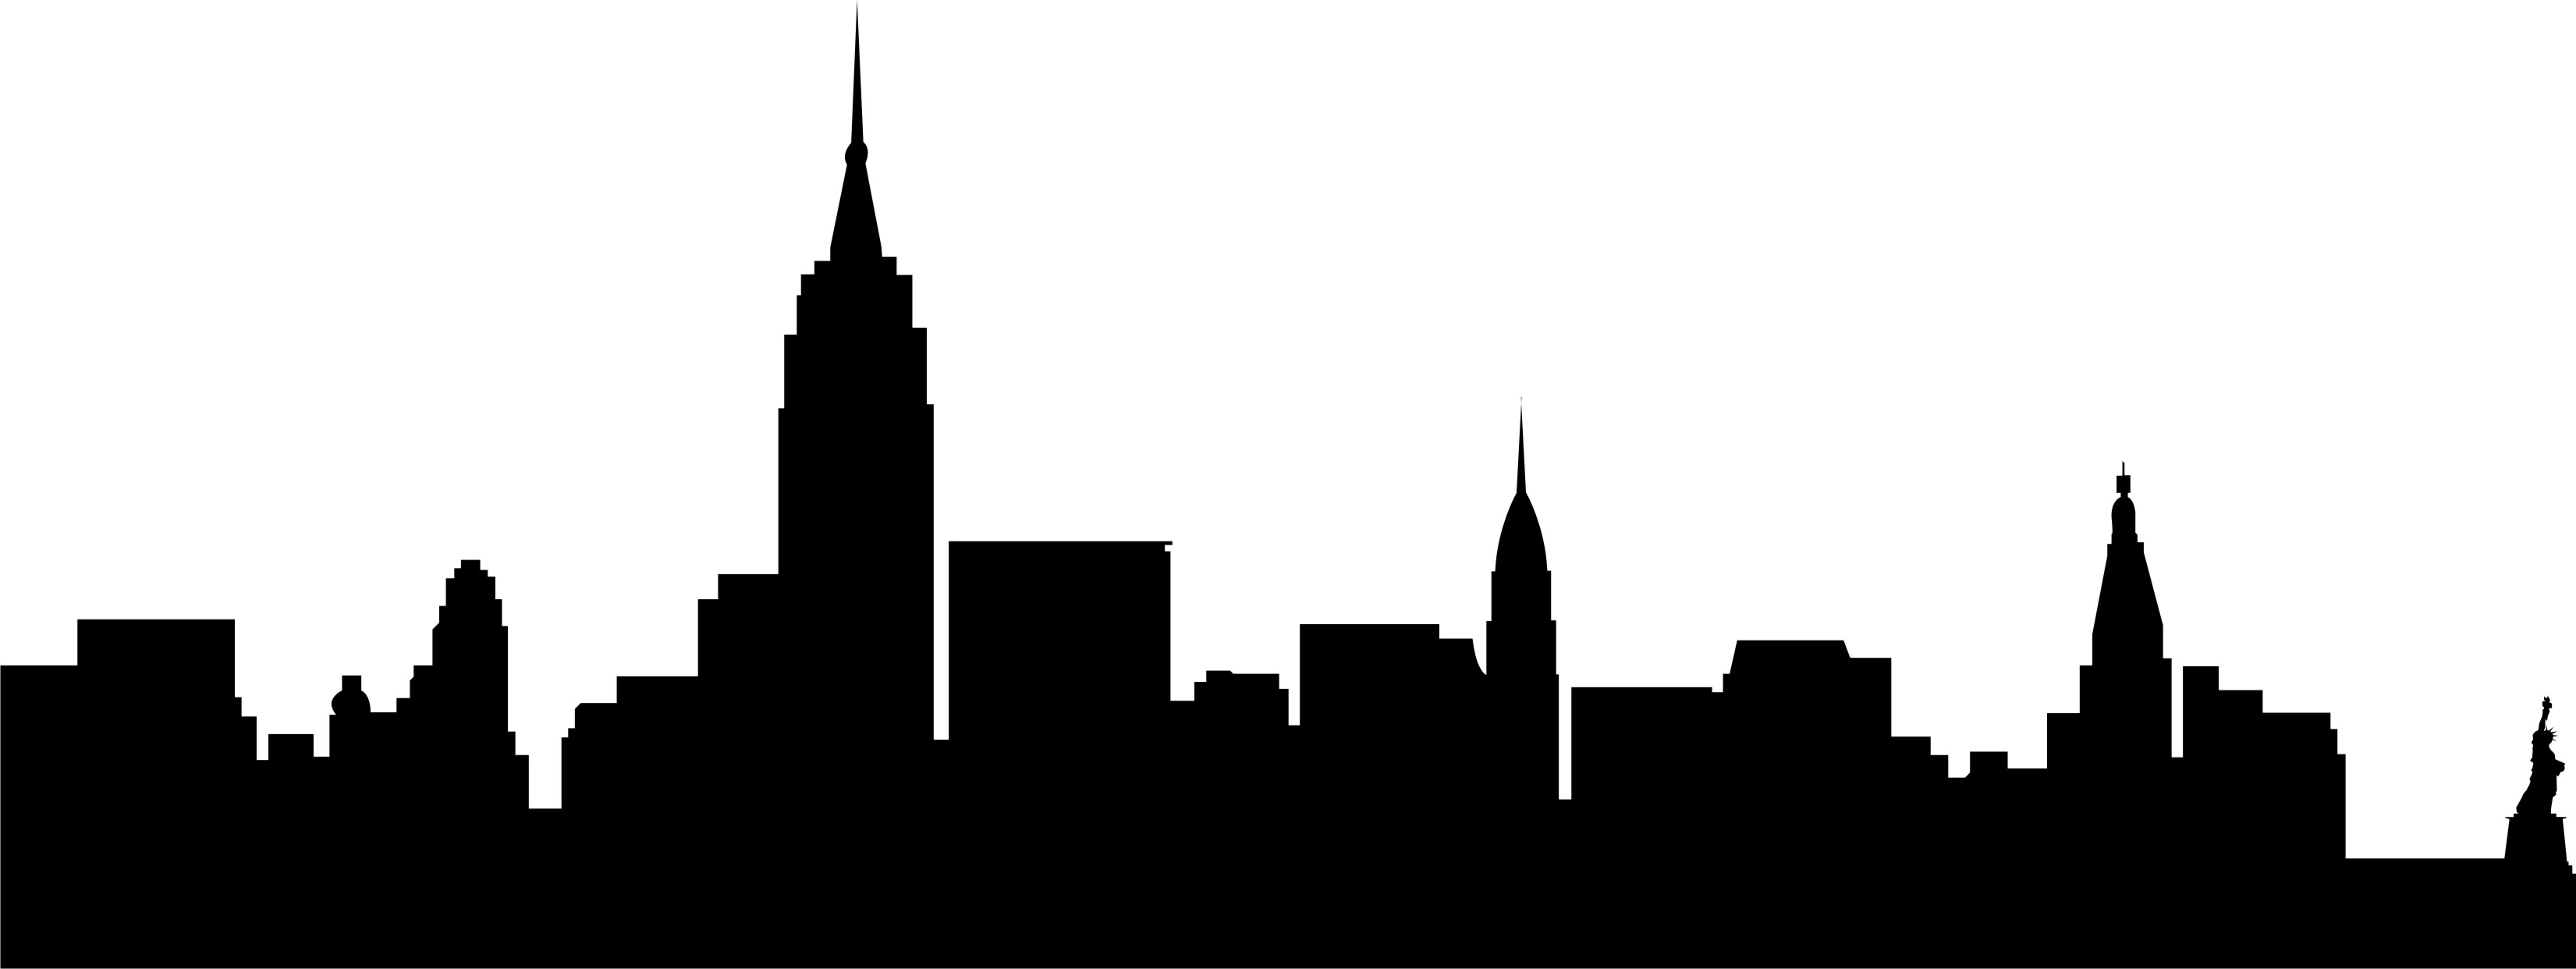 Free Cityscape Cliparts, Download Free Clip Art, Free Clip.